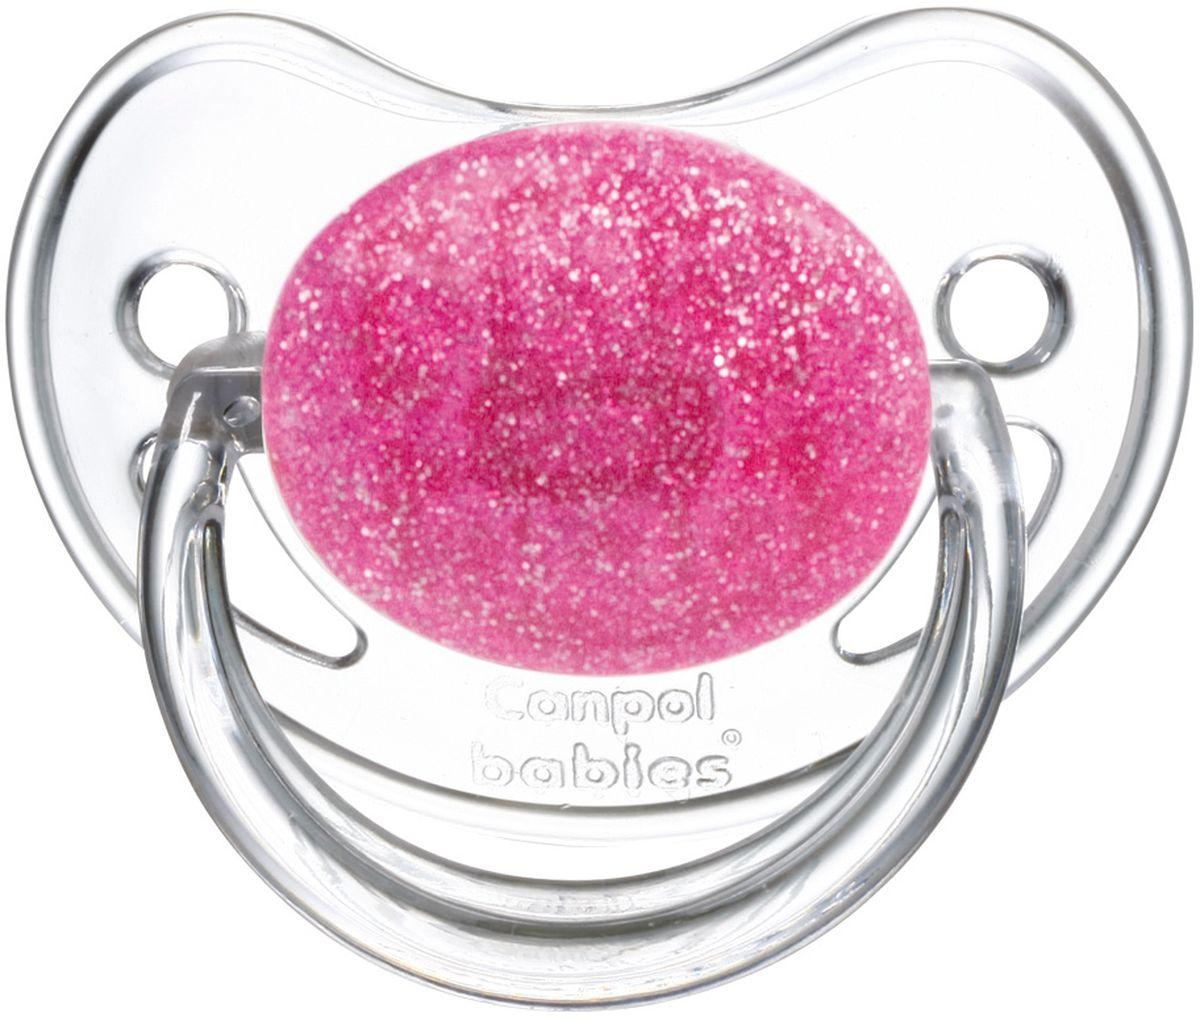 Canpol Babies Пустышка латексная Moonlight от 6 до 18 месяцев цвет розовый250930349Бренд Canpol babies уже более 25 лет помогает мамам во всем мире растить своих малышей здоровыми и счастливыми. Пустышка латексная Moonlight изготовлена из высококачественного натурального латекса - она очень мягкая и приятная для ребенка, при этом не слипается во время использования. Соска пустышки имеет классическую круглую форму. Благодаря специальным отверстиям на нагубнике она отлично вентилируется, что предотвращает риск возникновения покраснений и раздражения на нежной коже малыша.